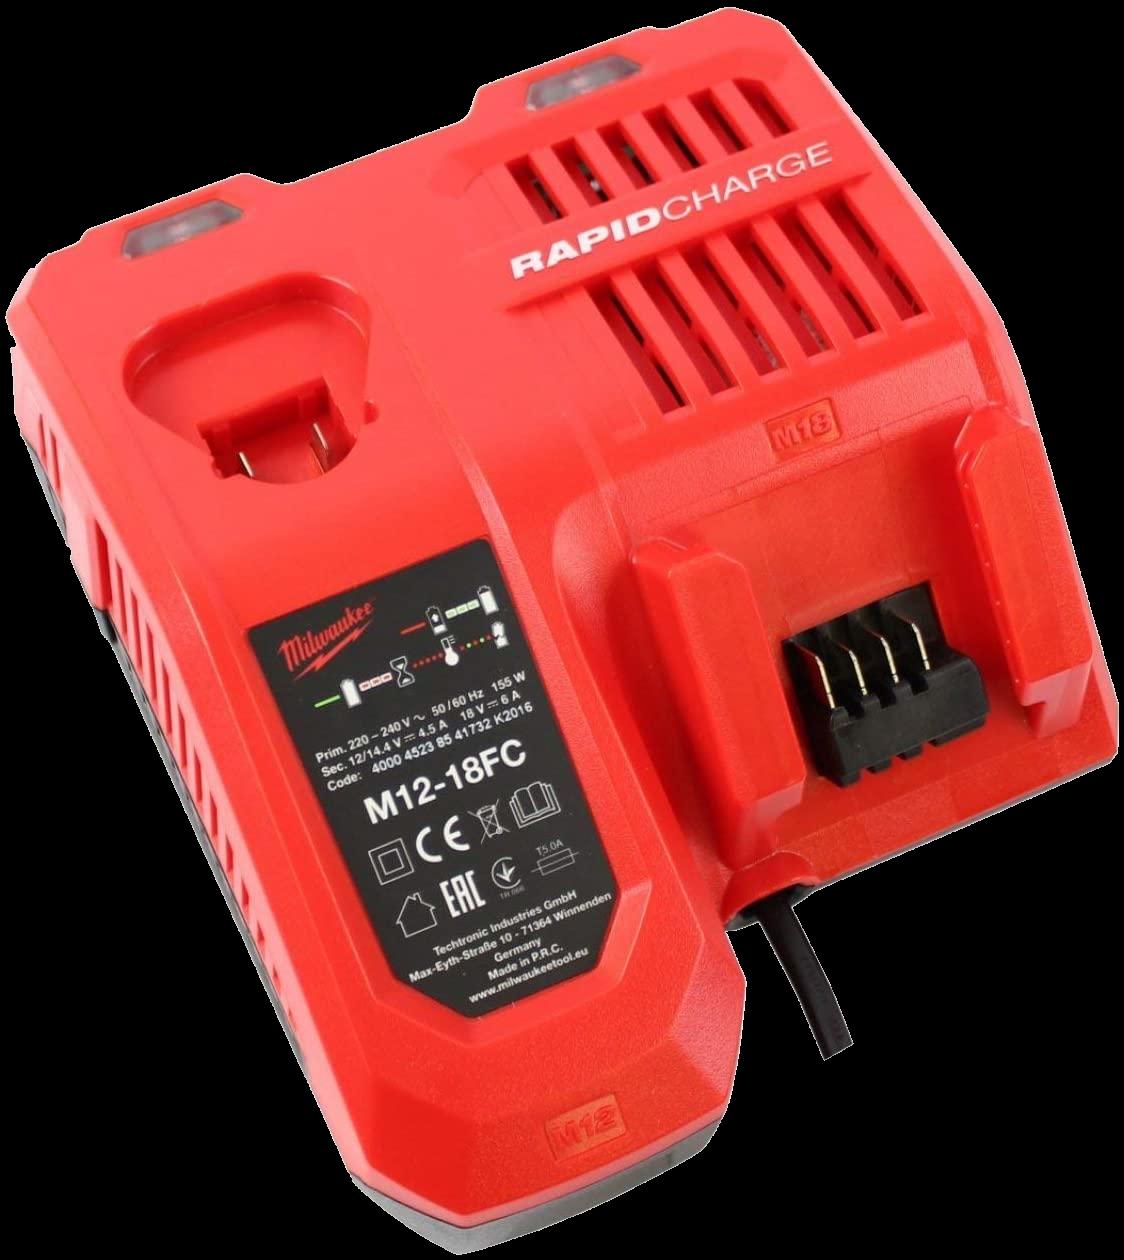 Milwaukee M12-18 FC Akku-Schnellladegerät Red Lithium